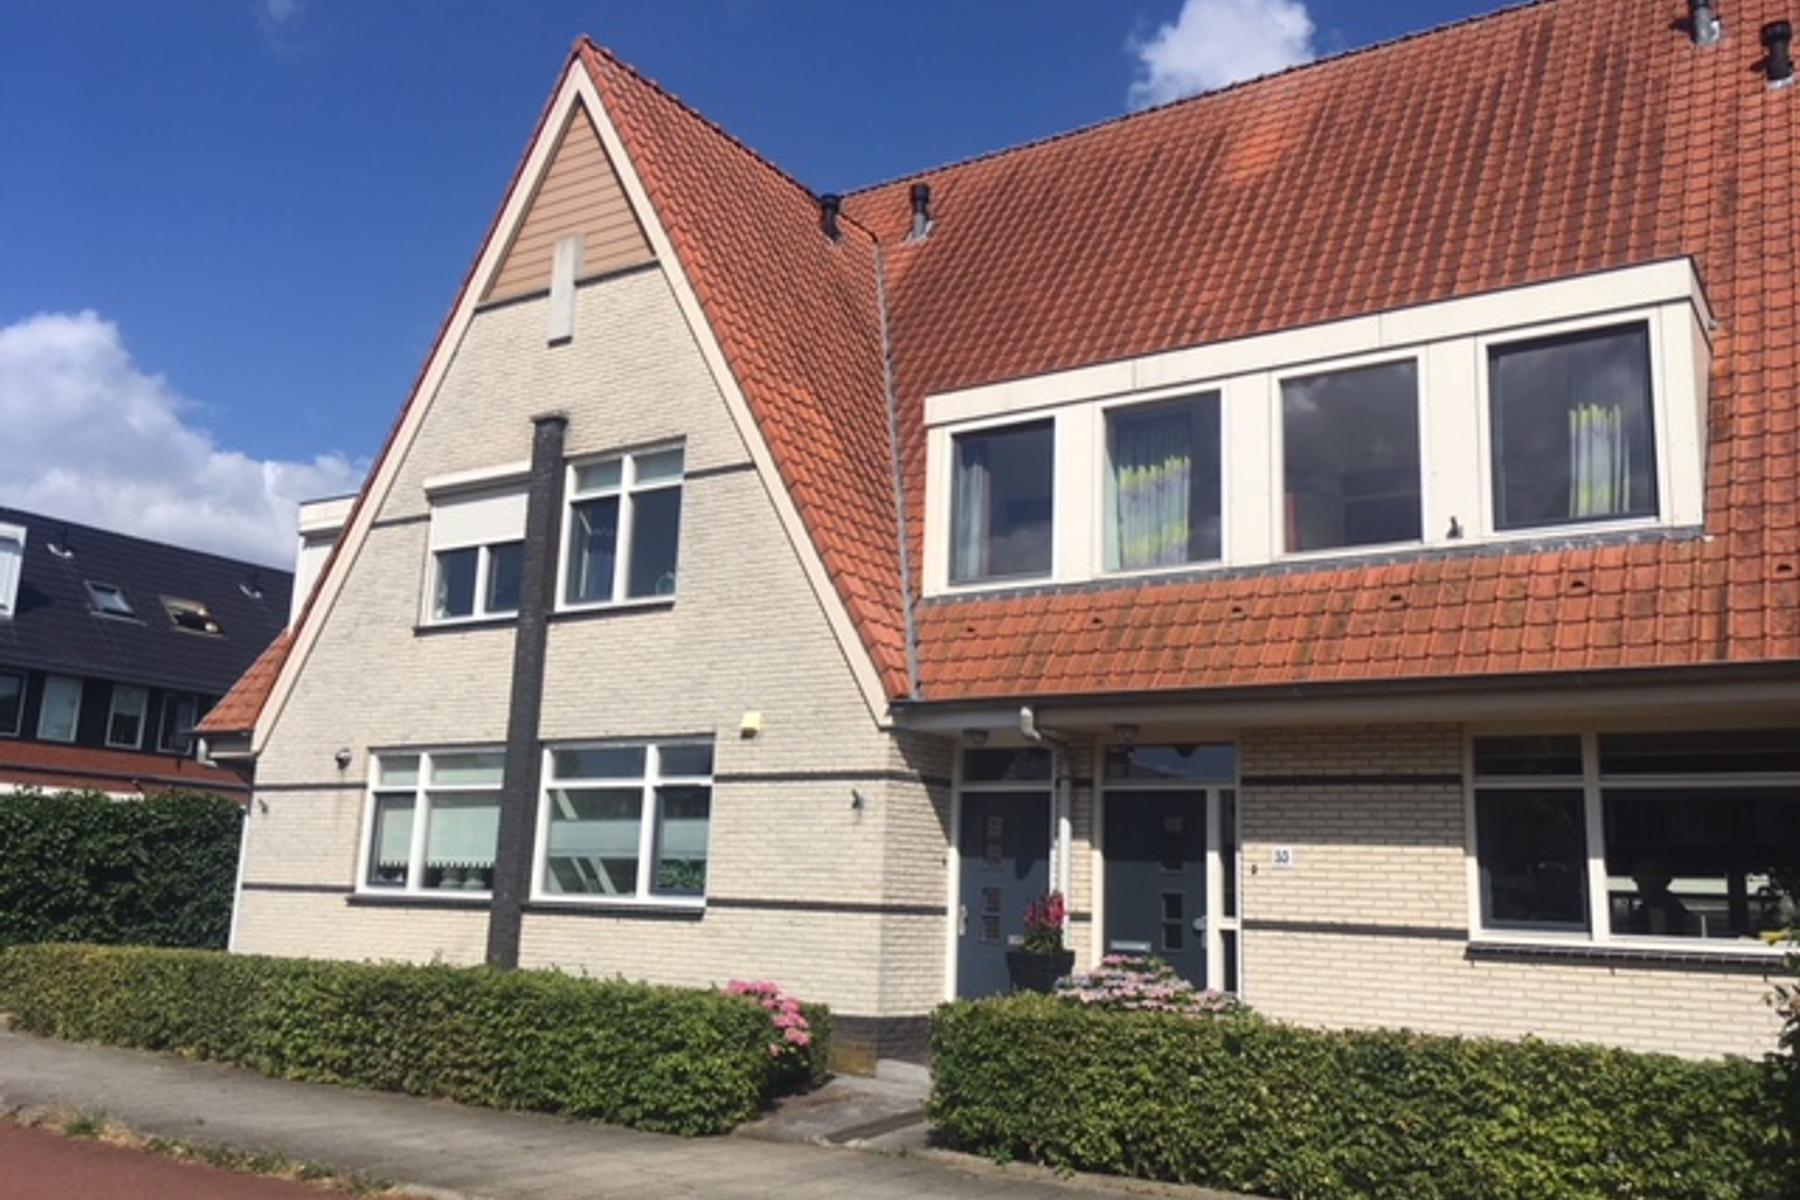 Gele Keuken 9 : Gele rijderspad 51 in veenendaal 3902 jk: woonhuis te koop